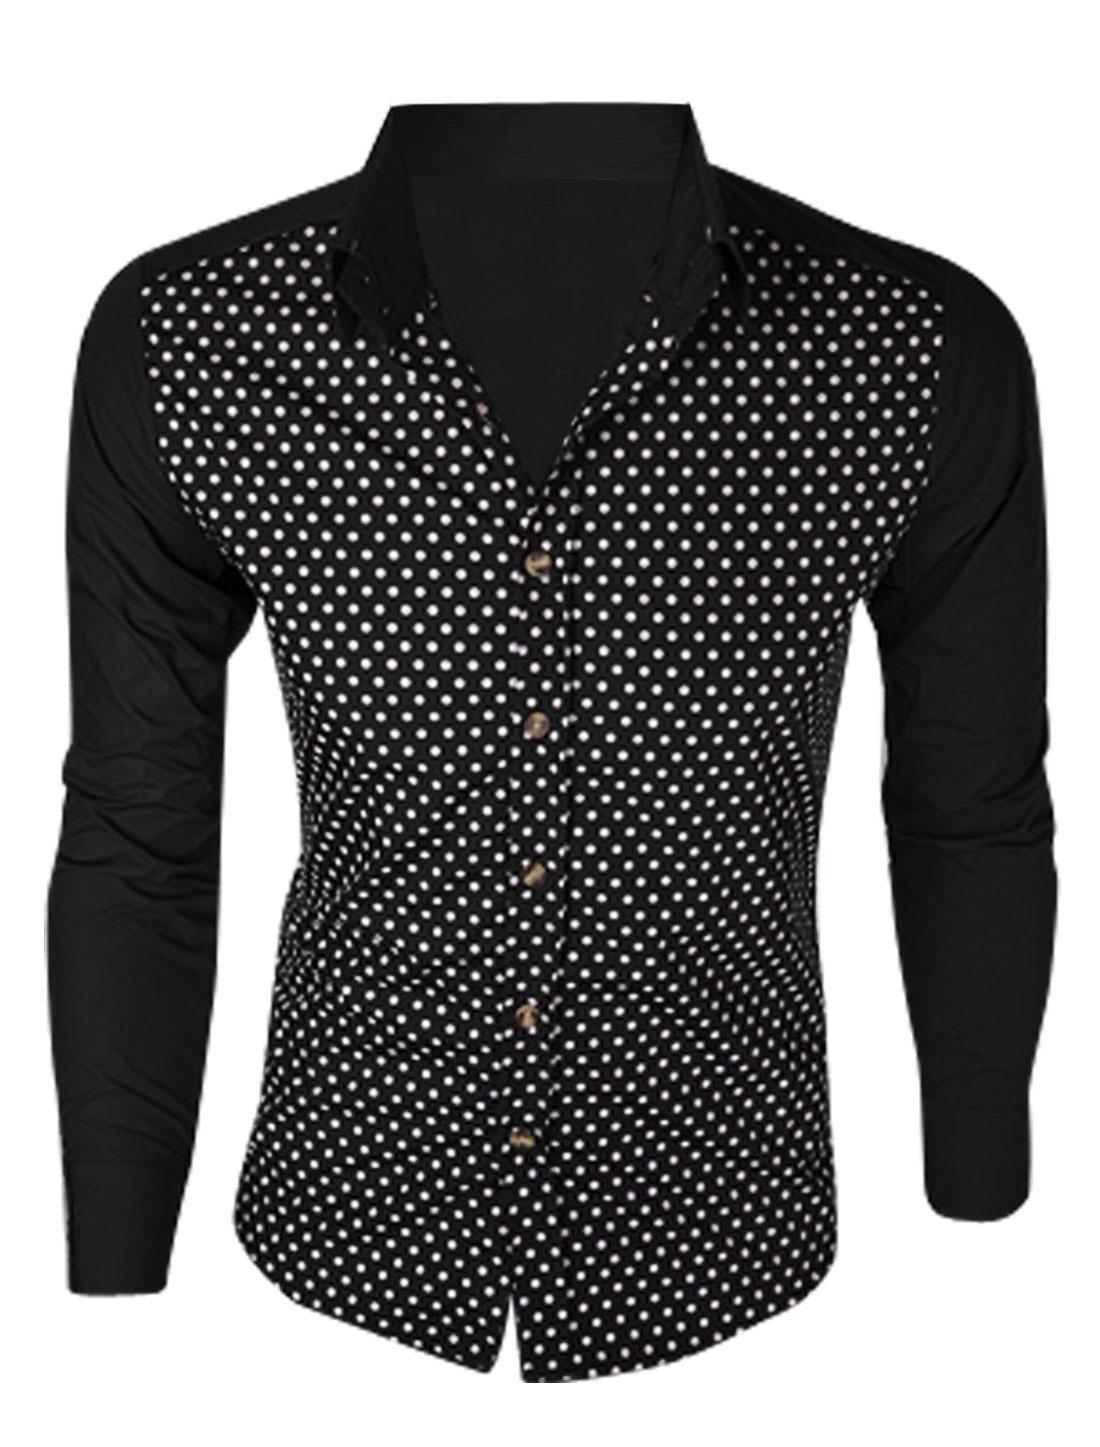 Men Long Sleeve Dots Prints Button Closure Colorblock Shirt Black M